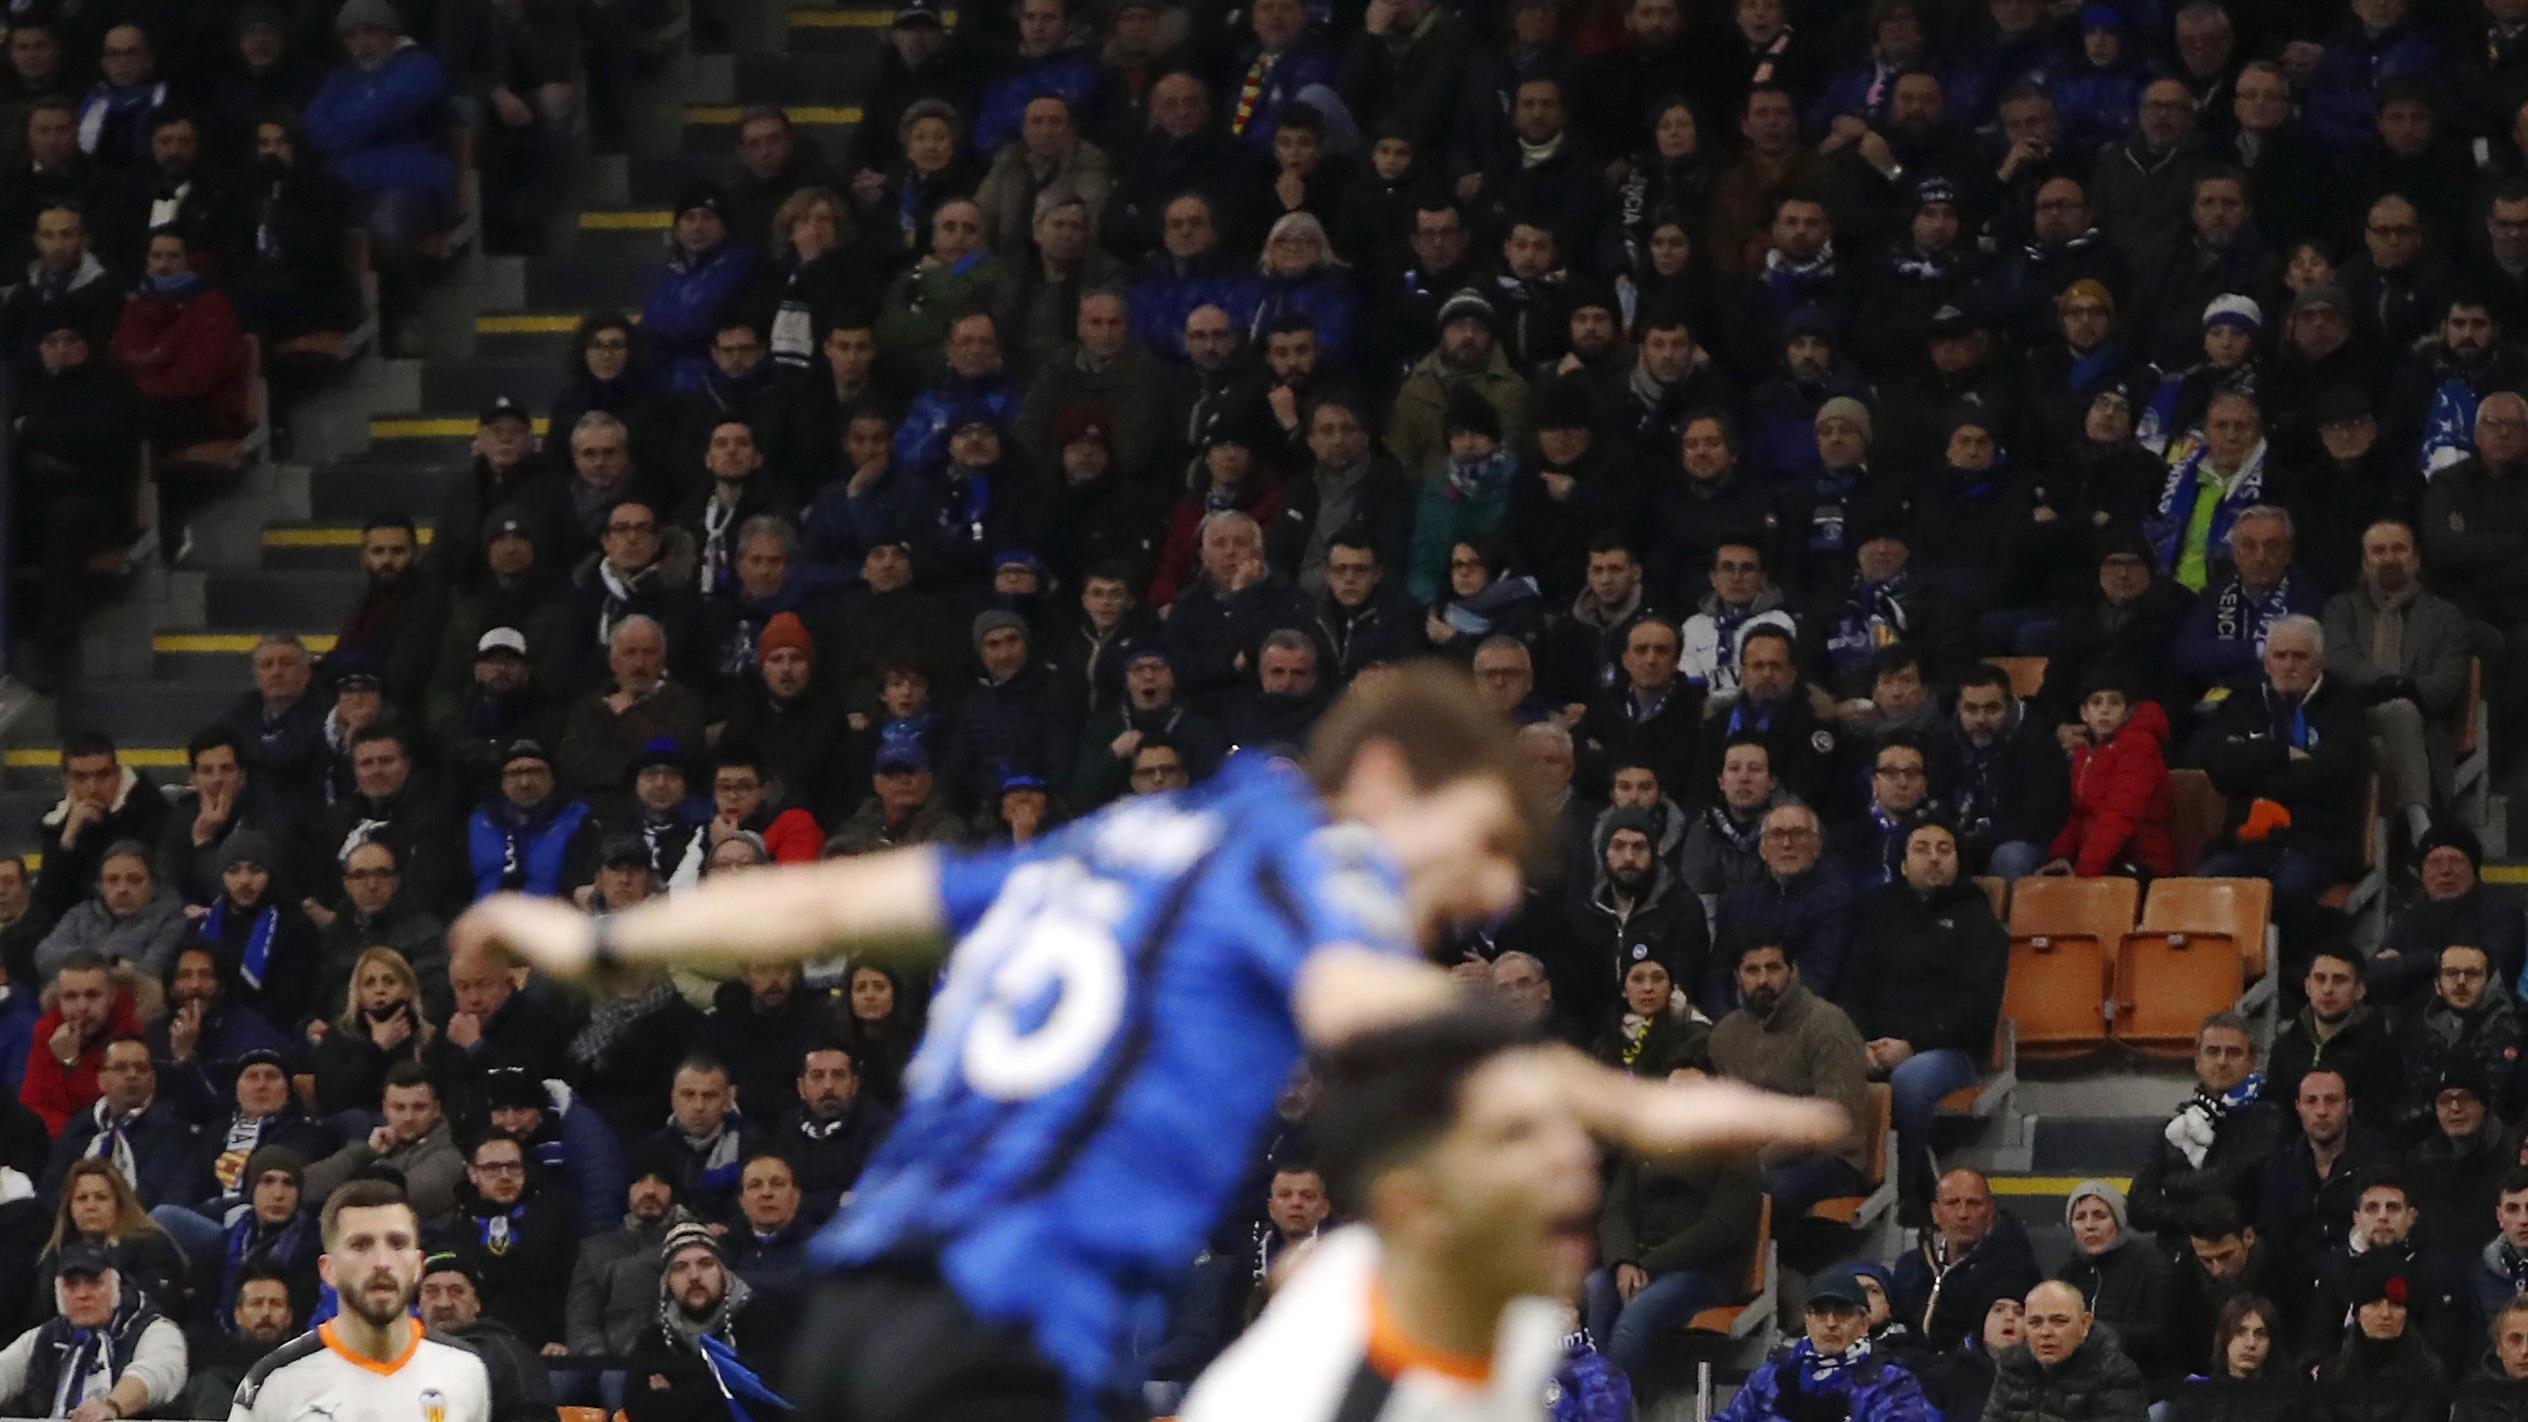 """Bergamo gegen Valencia: War diese Champions-League-Partie eine """"biologische Bombe""""?"""